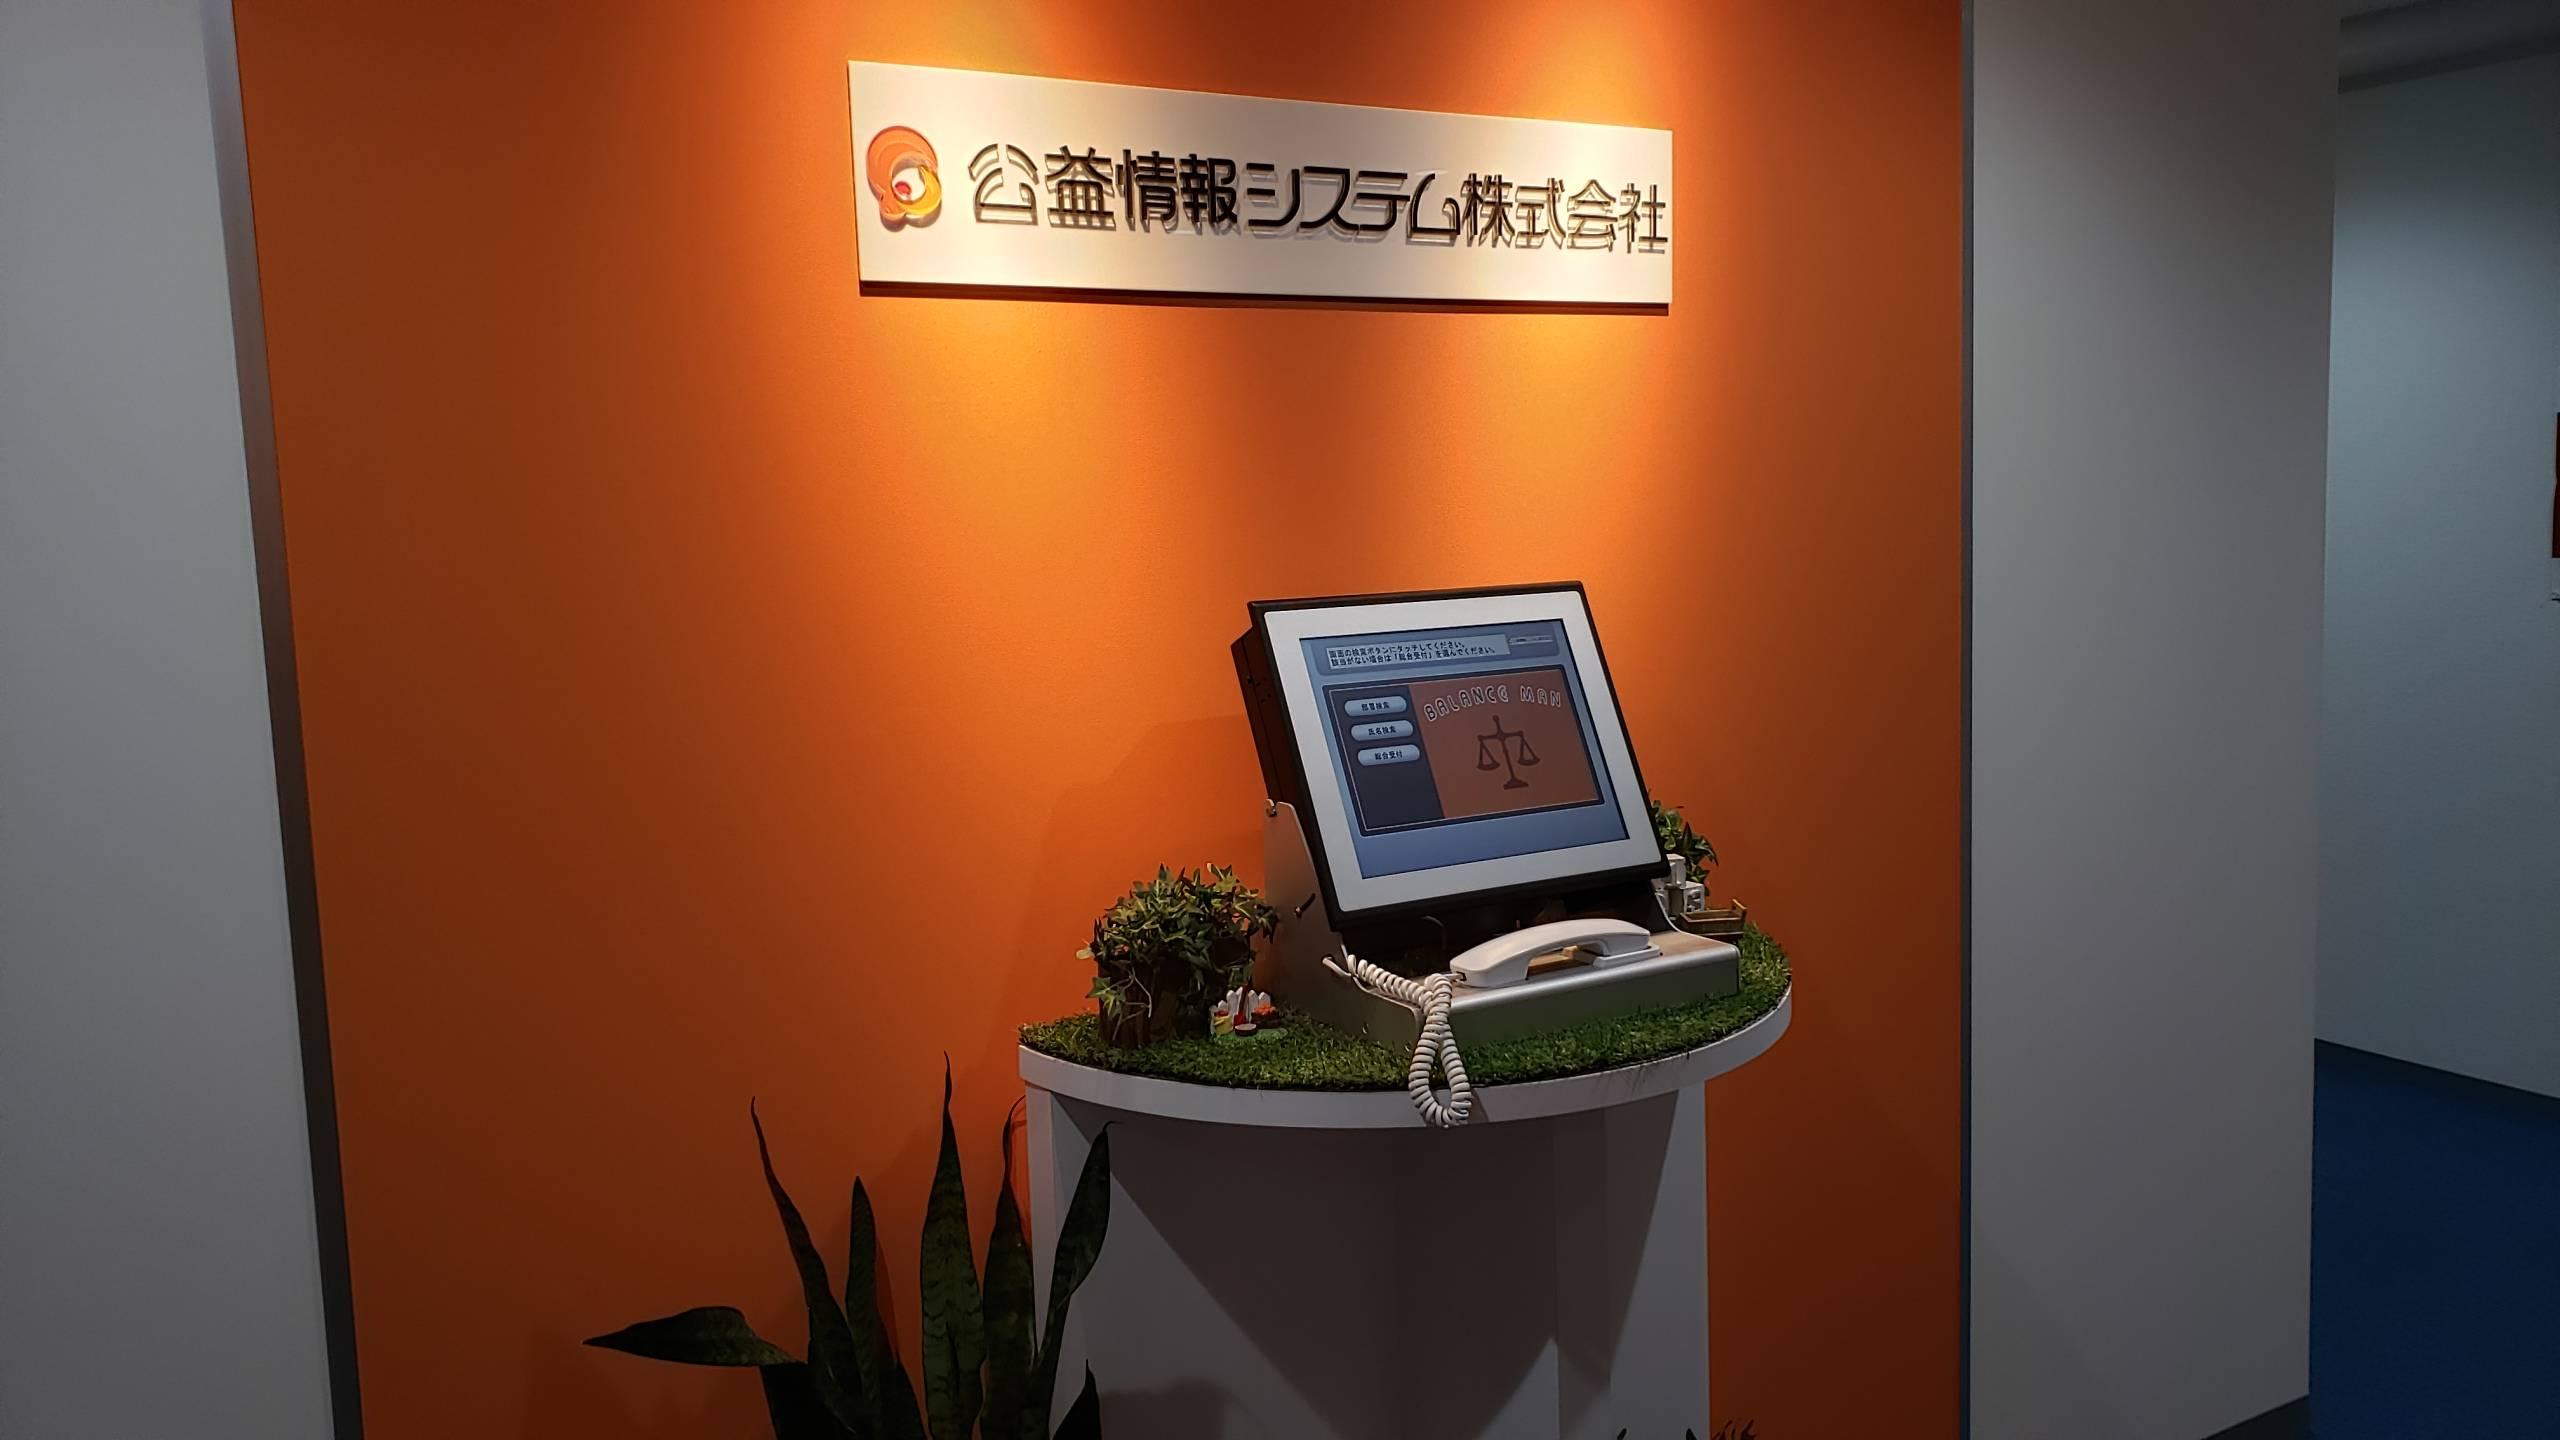 公益情報システム株式会社